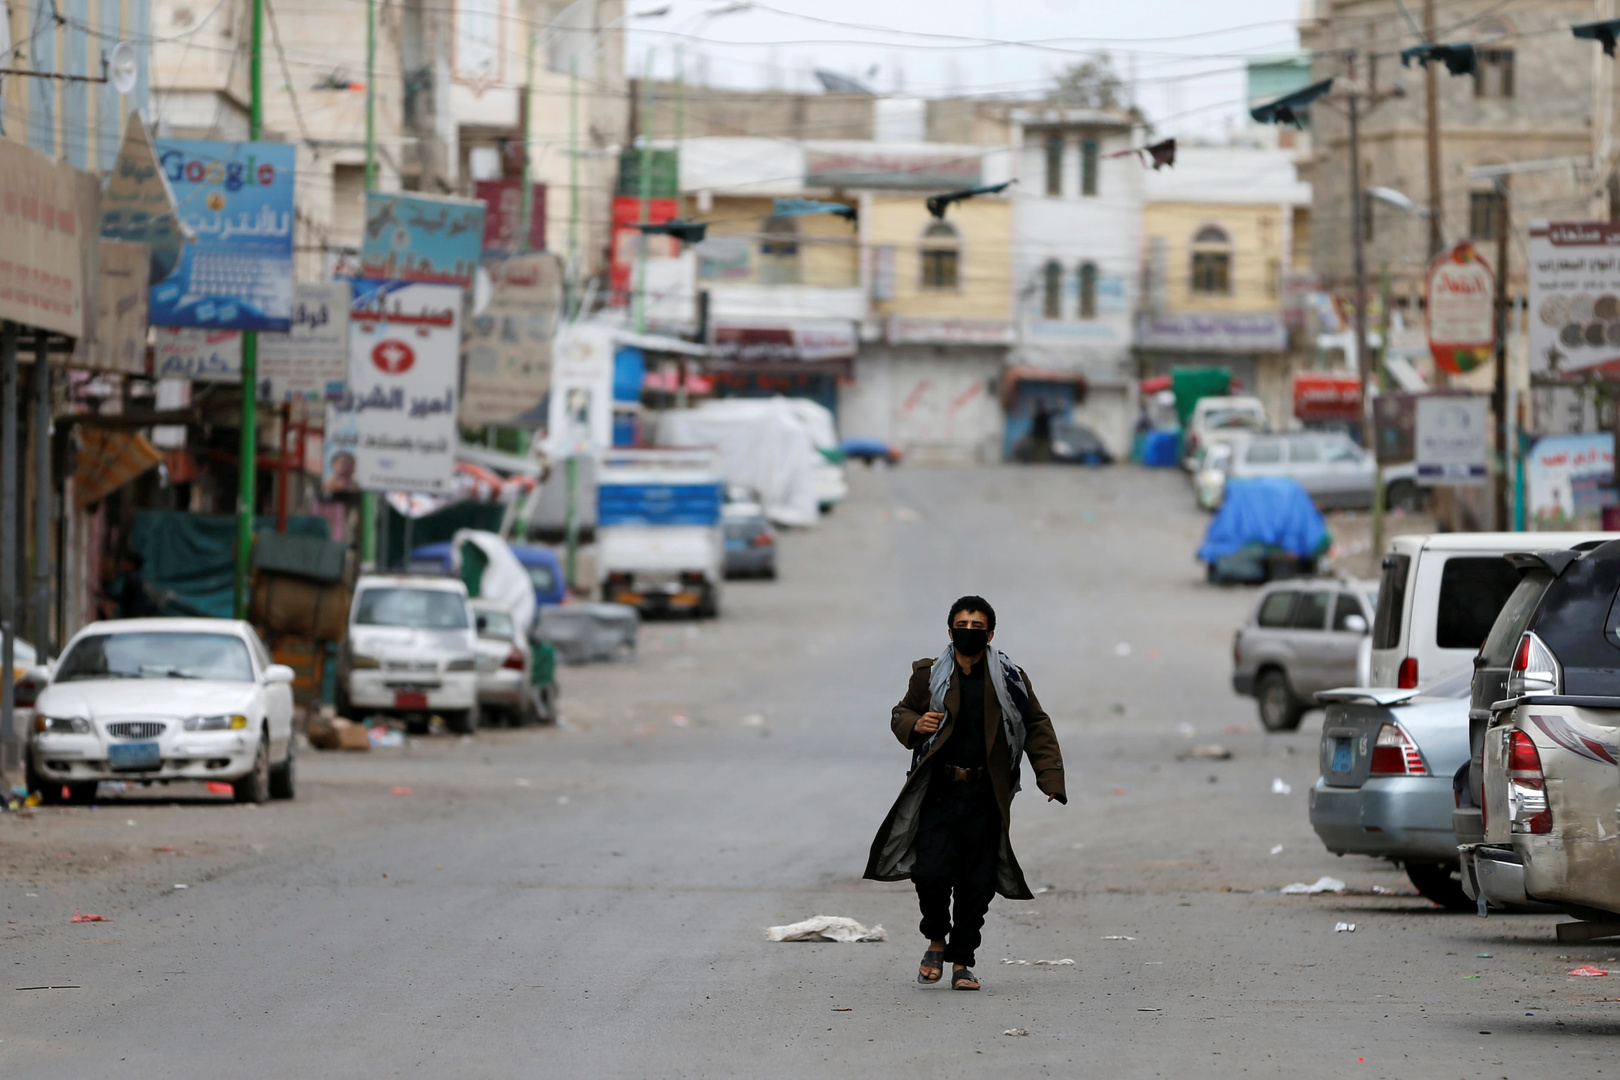 الأمم المتحدة: نفترض أن كورونا تفشى على نطاق واسع في اليمن والبلاد على حافة الكارثة